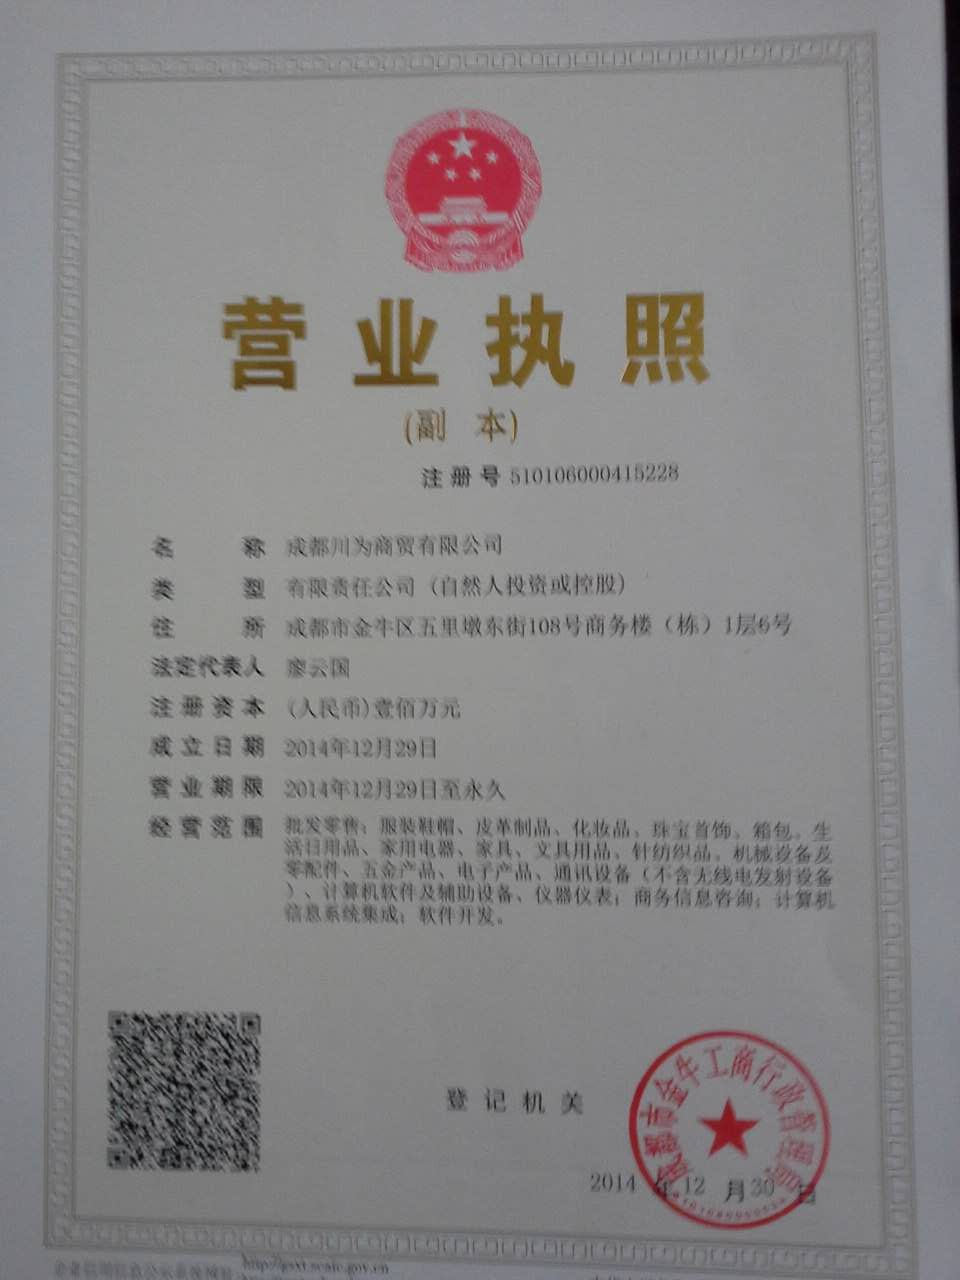 成都川�樯藤Q有限公司